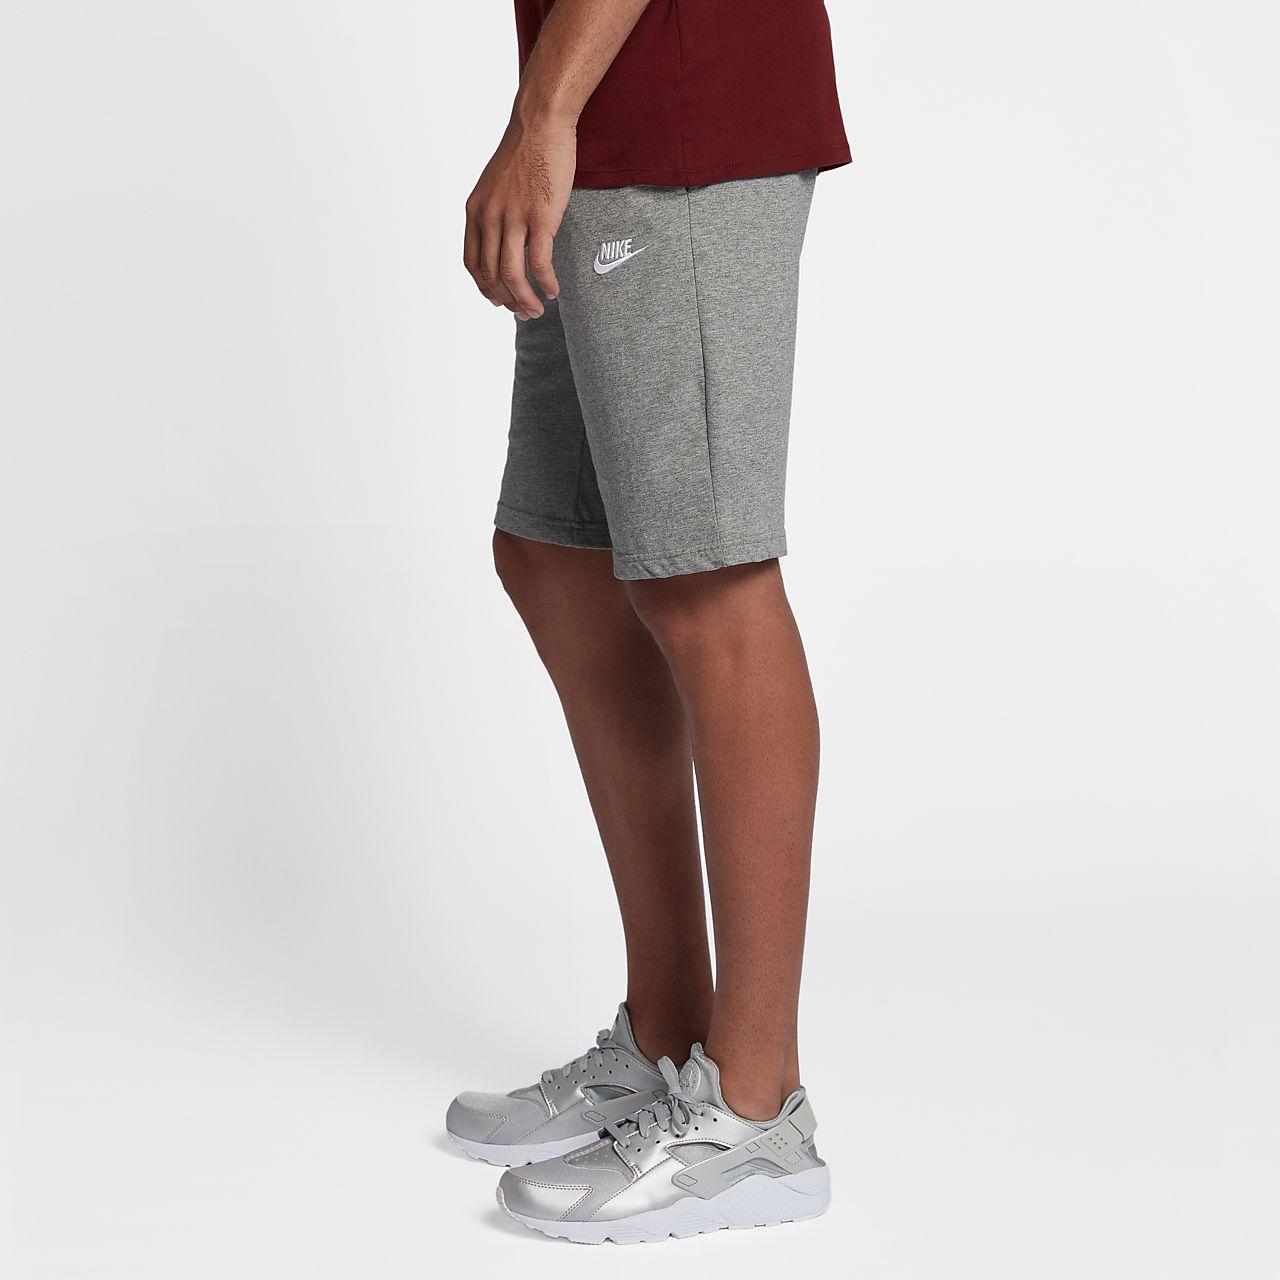 aa4341ffe815 Pour Sportswear Nike Ca Homme Short ZEqH6FF